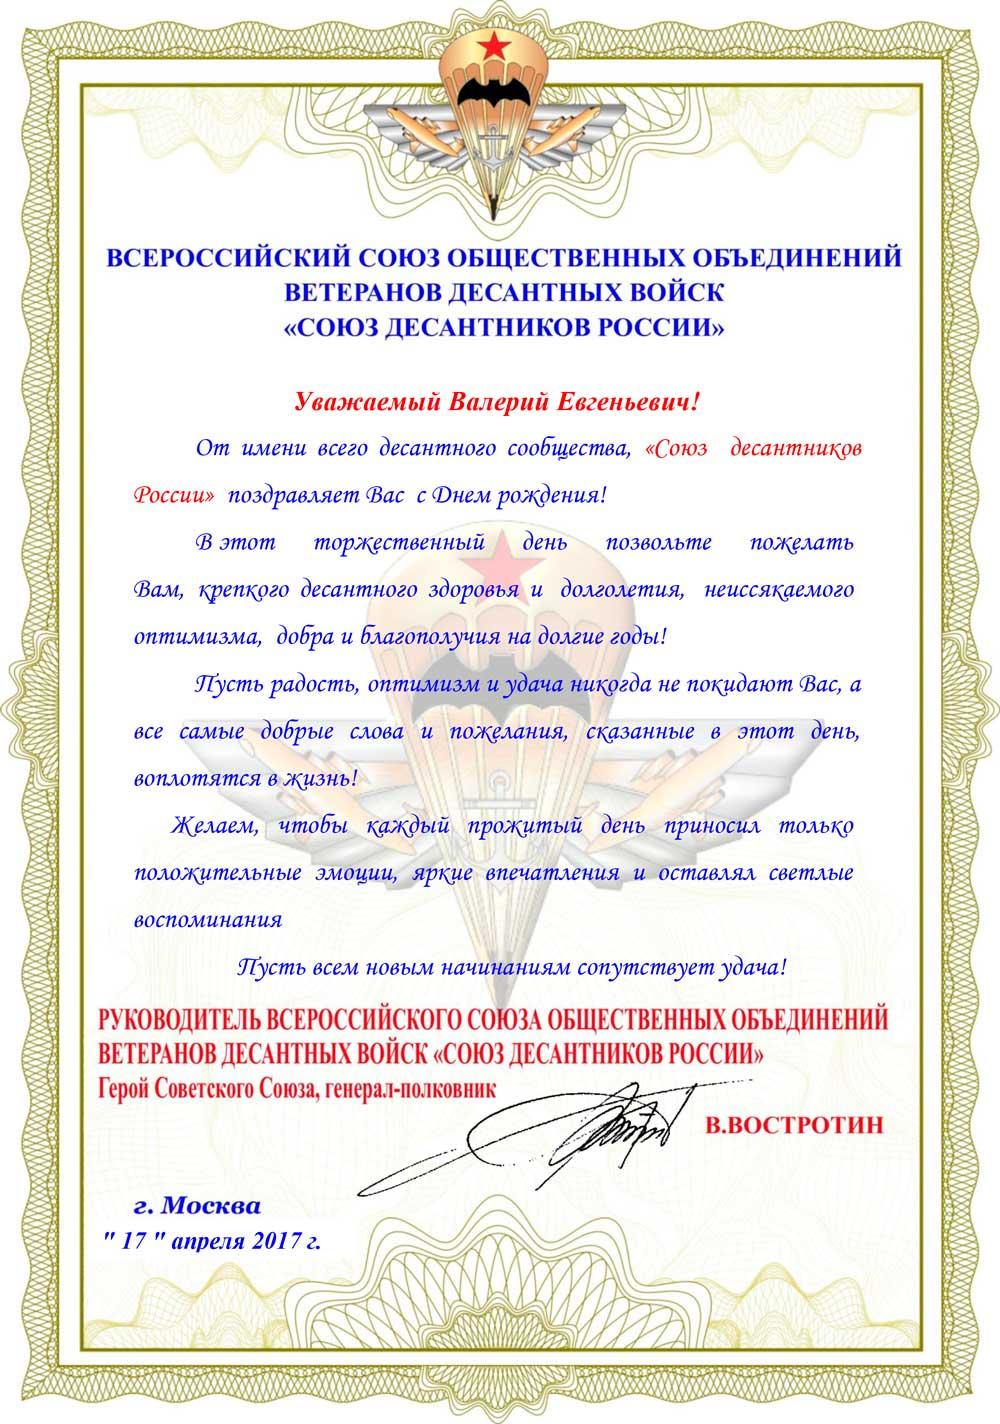 Евтухович Евгений Генадьевич